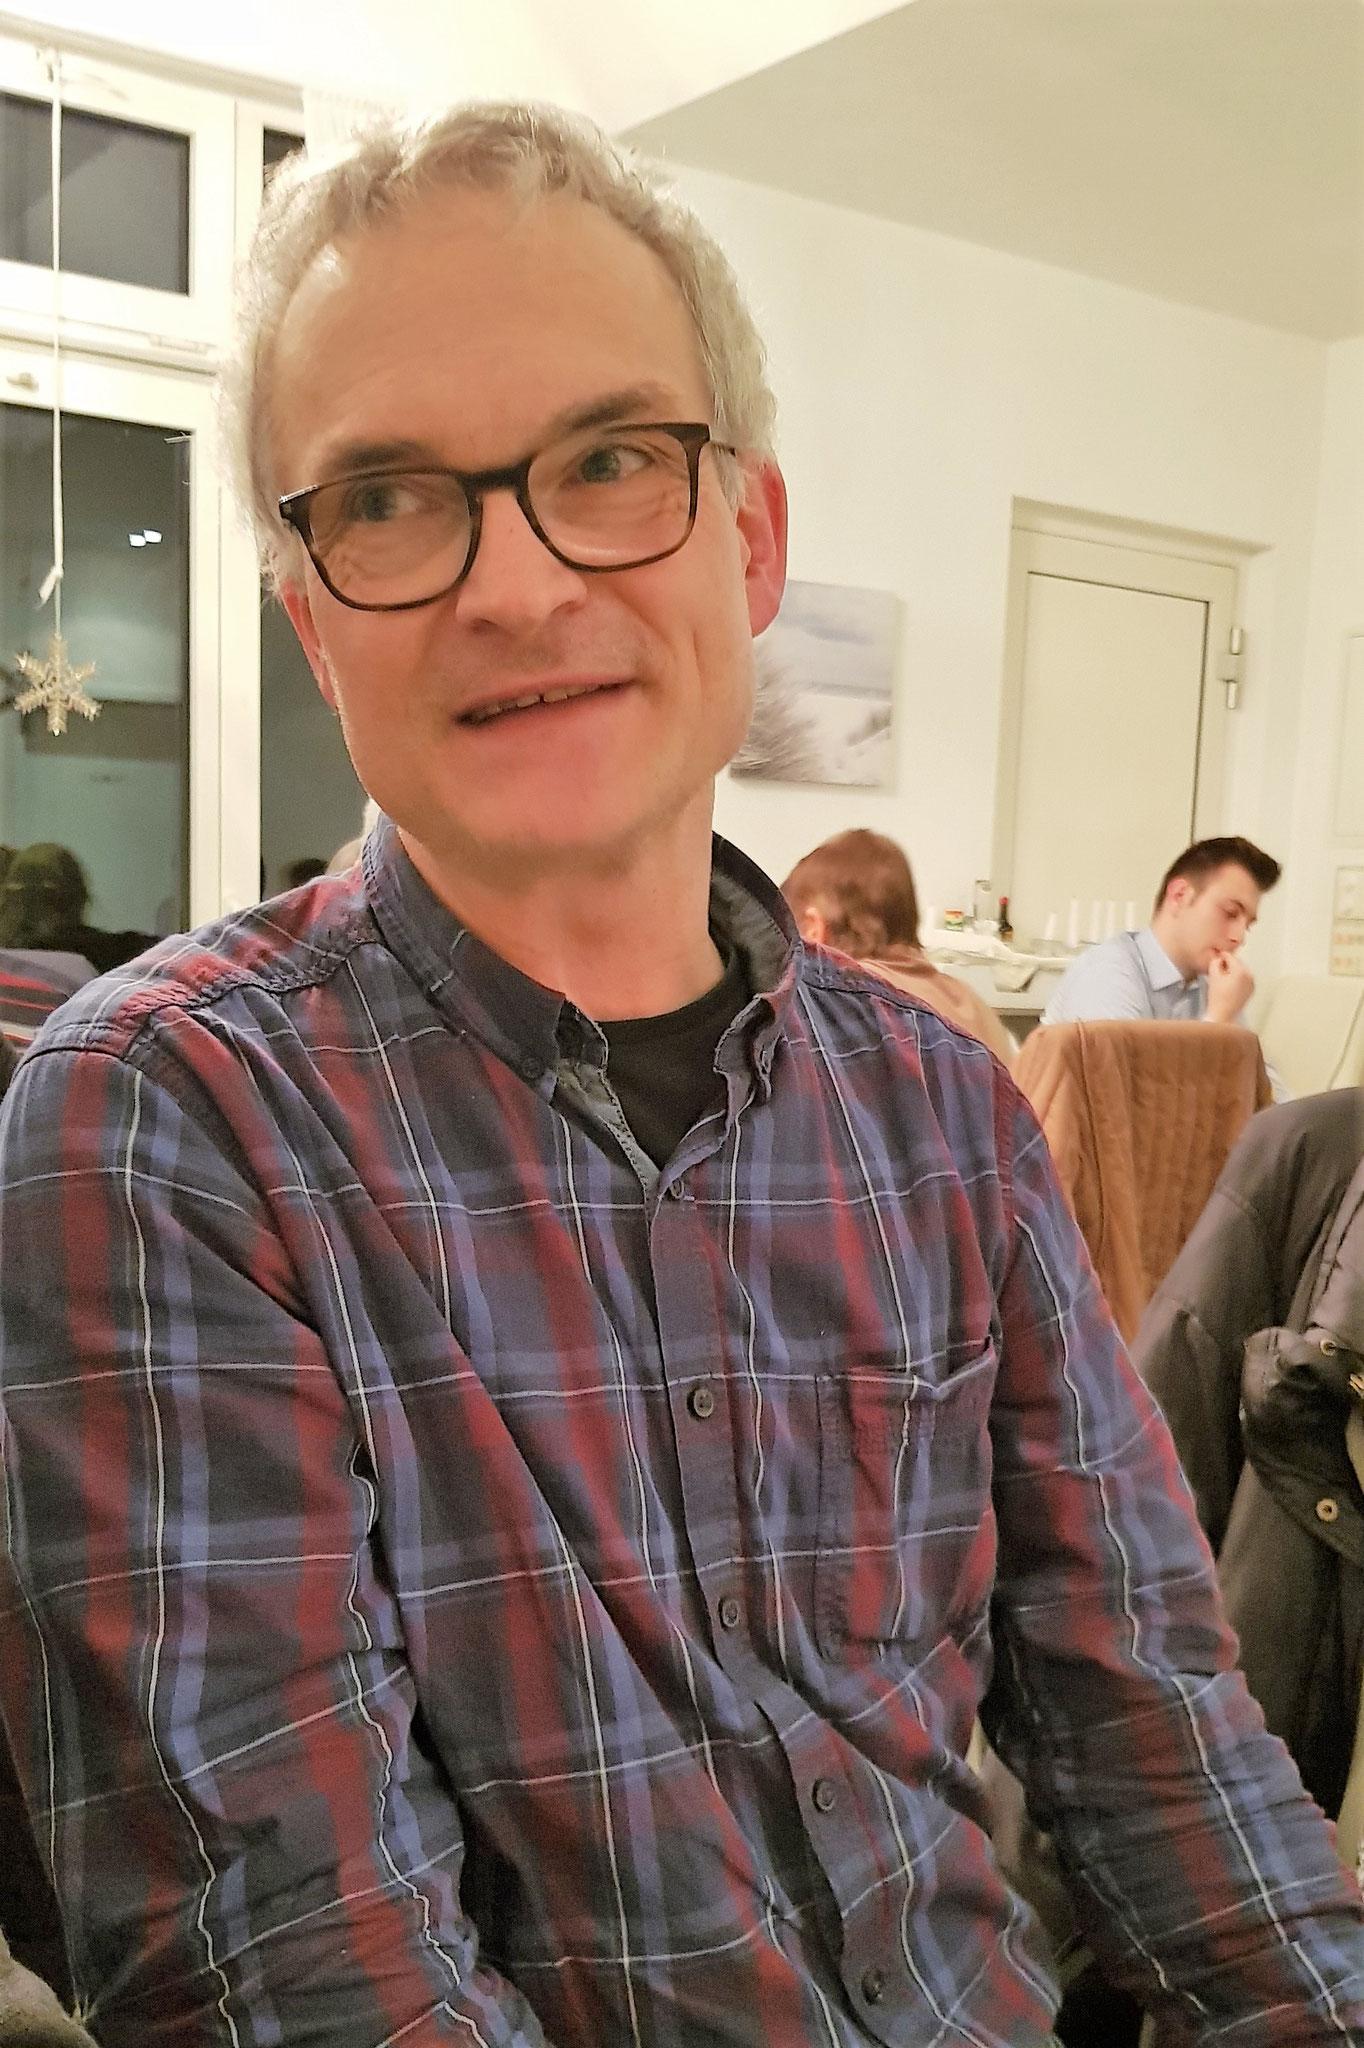 Markus Oehler, neues Mitglied als Querflötist